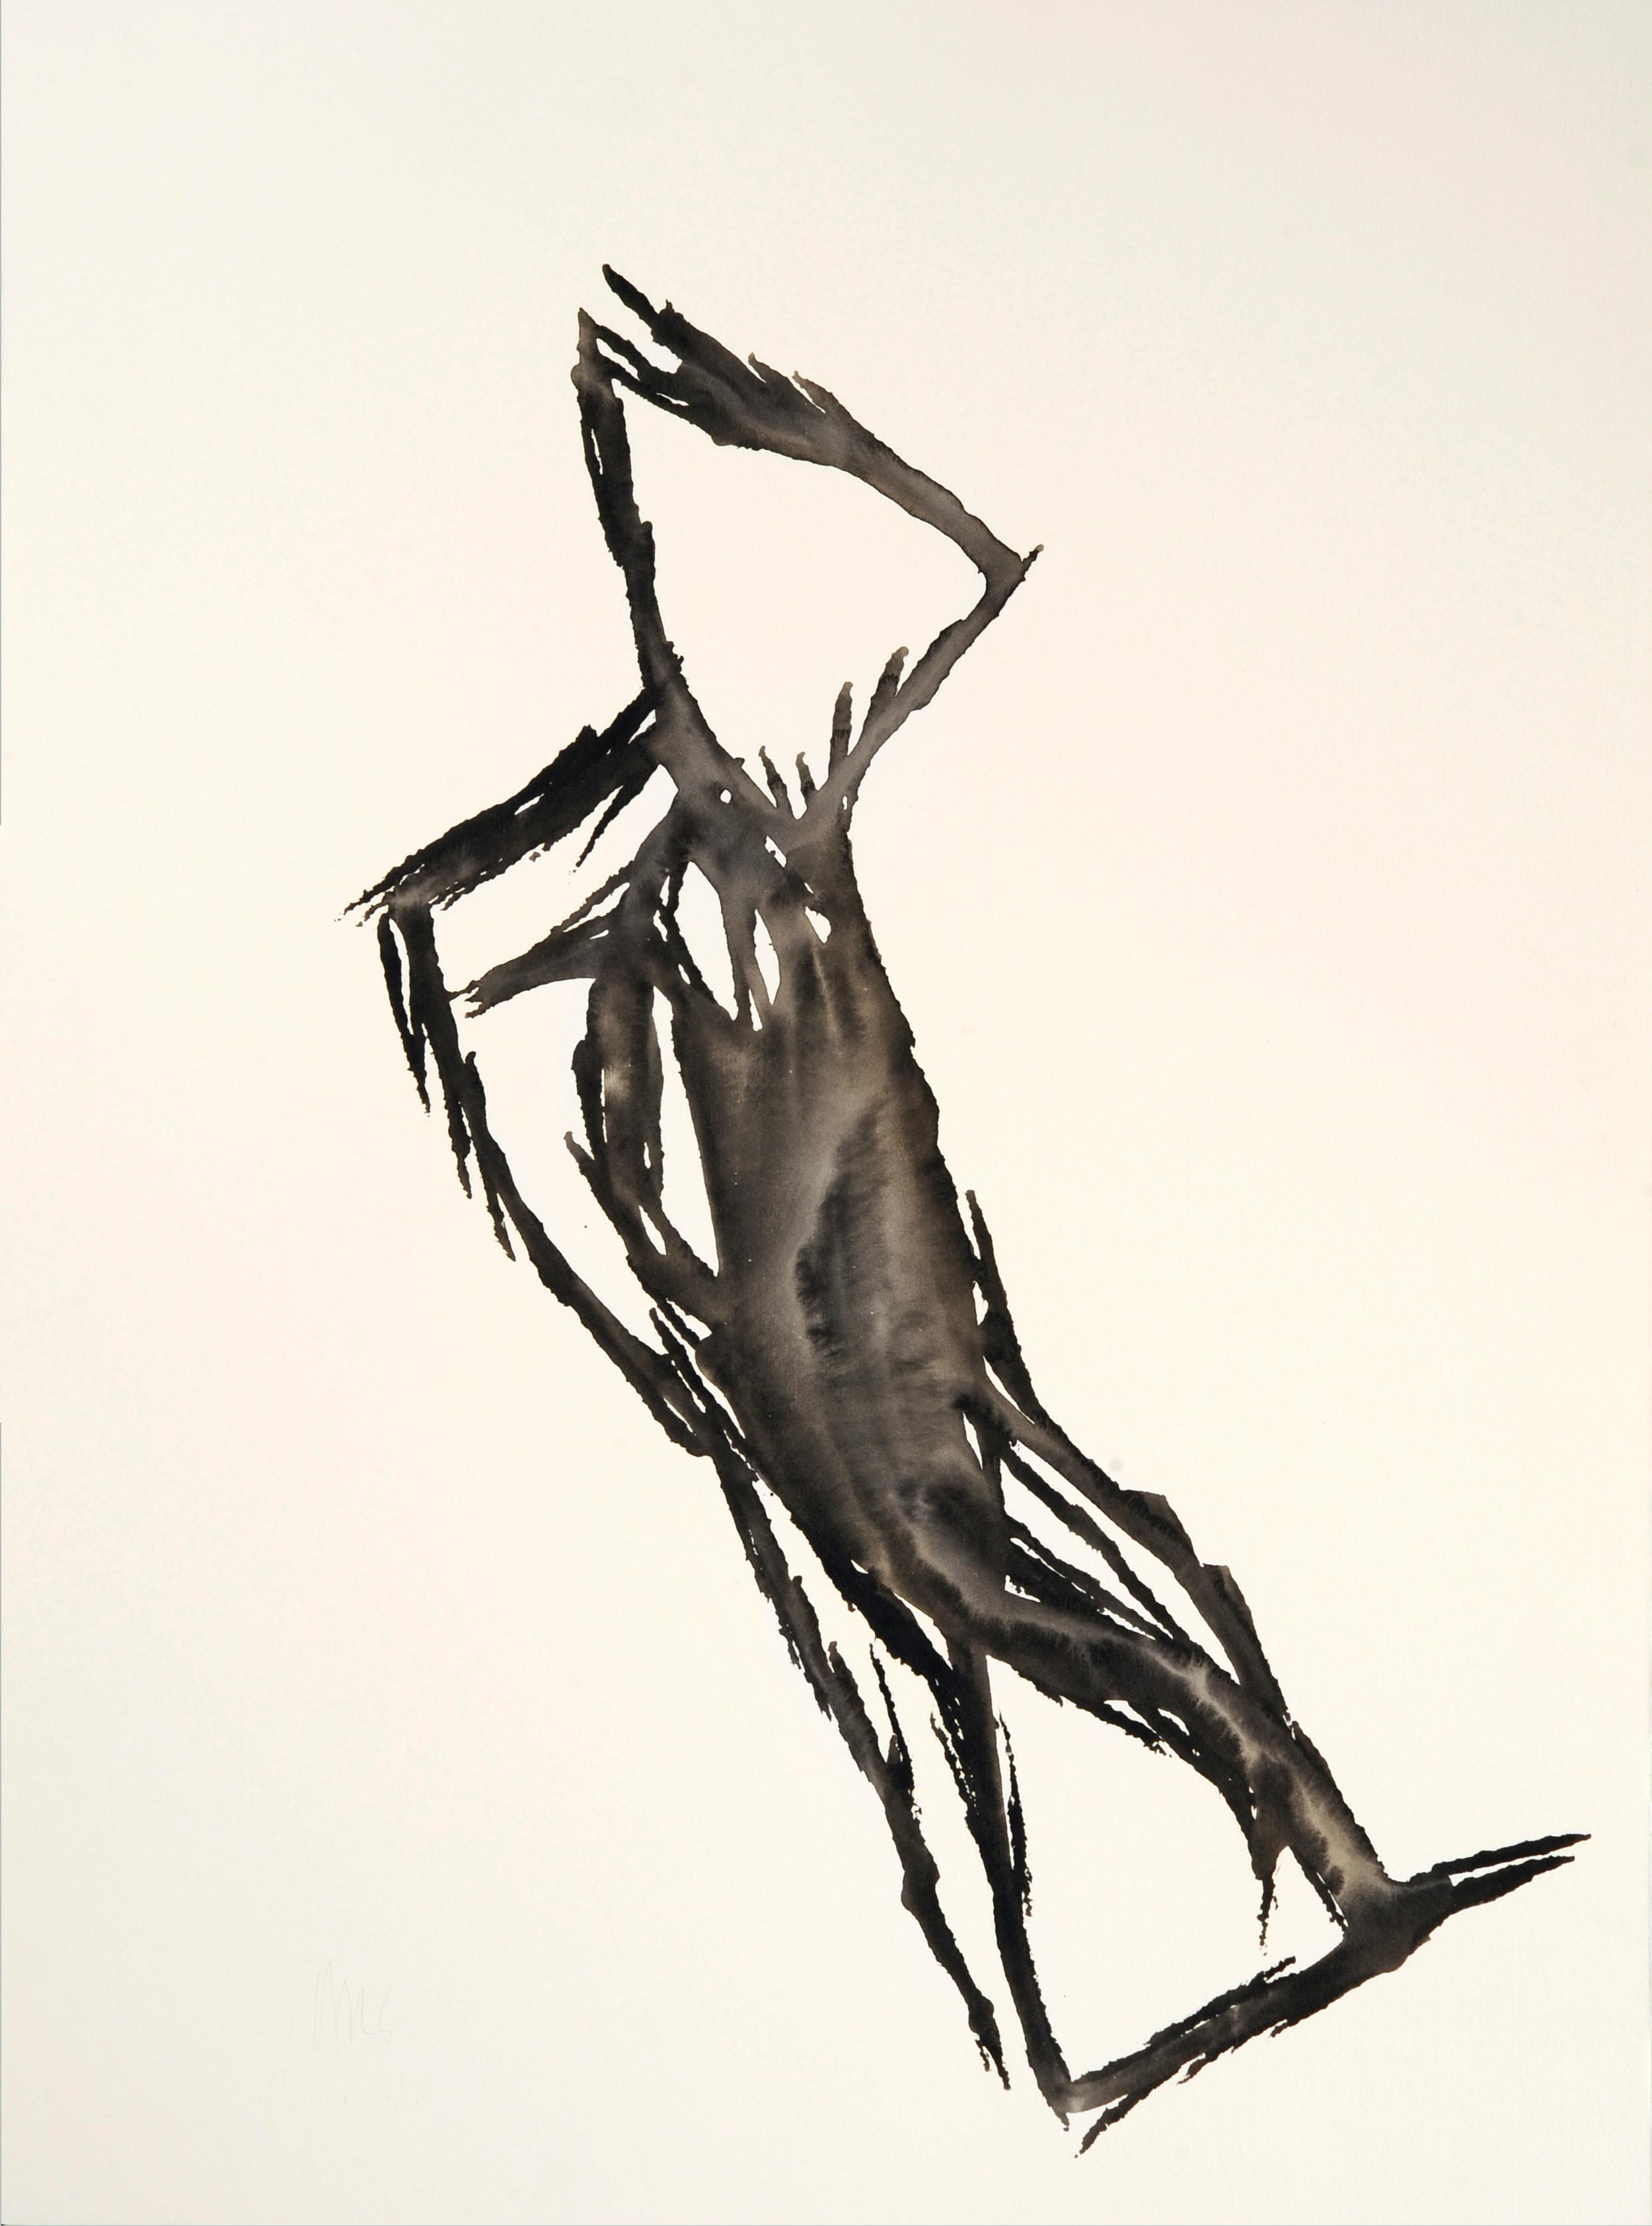 """senza titolo, dalla serie """"Pagine sparse"""", 1992, acrilico su carta Fabriano, cm 76 x 57  untitled, from the series """"Pagine sparse"""", 1992, acrylic on Fabriano paper, cm 76 x 57"""